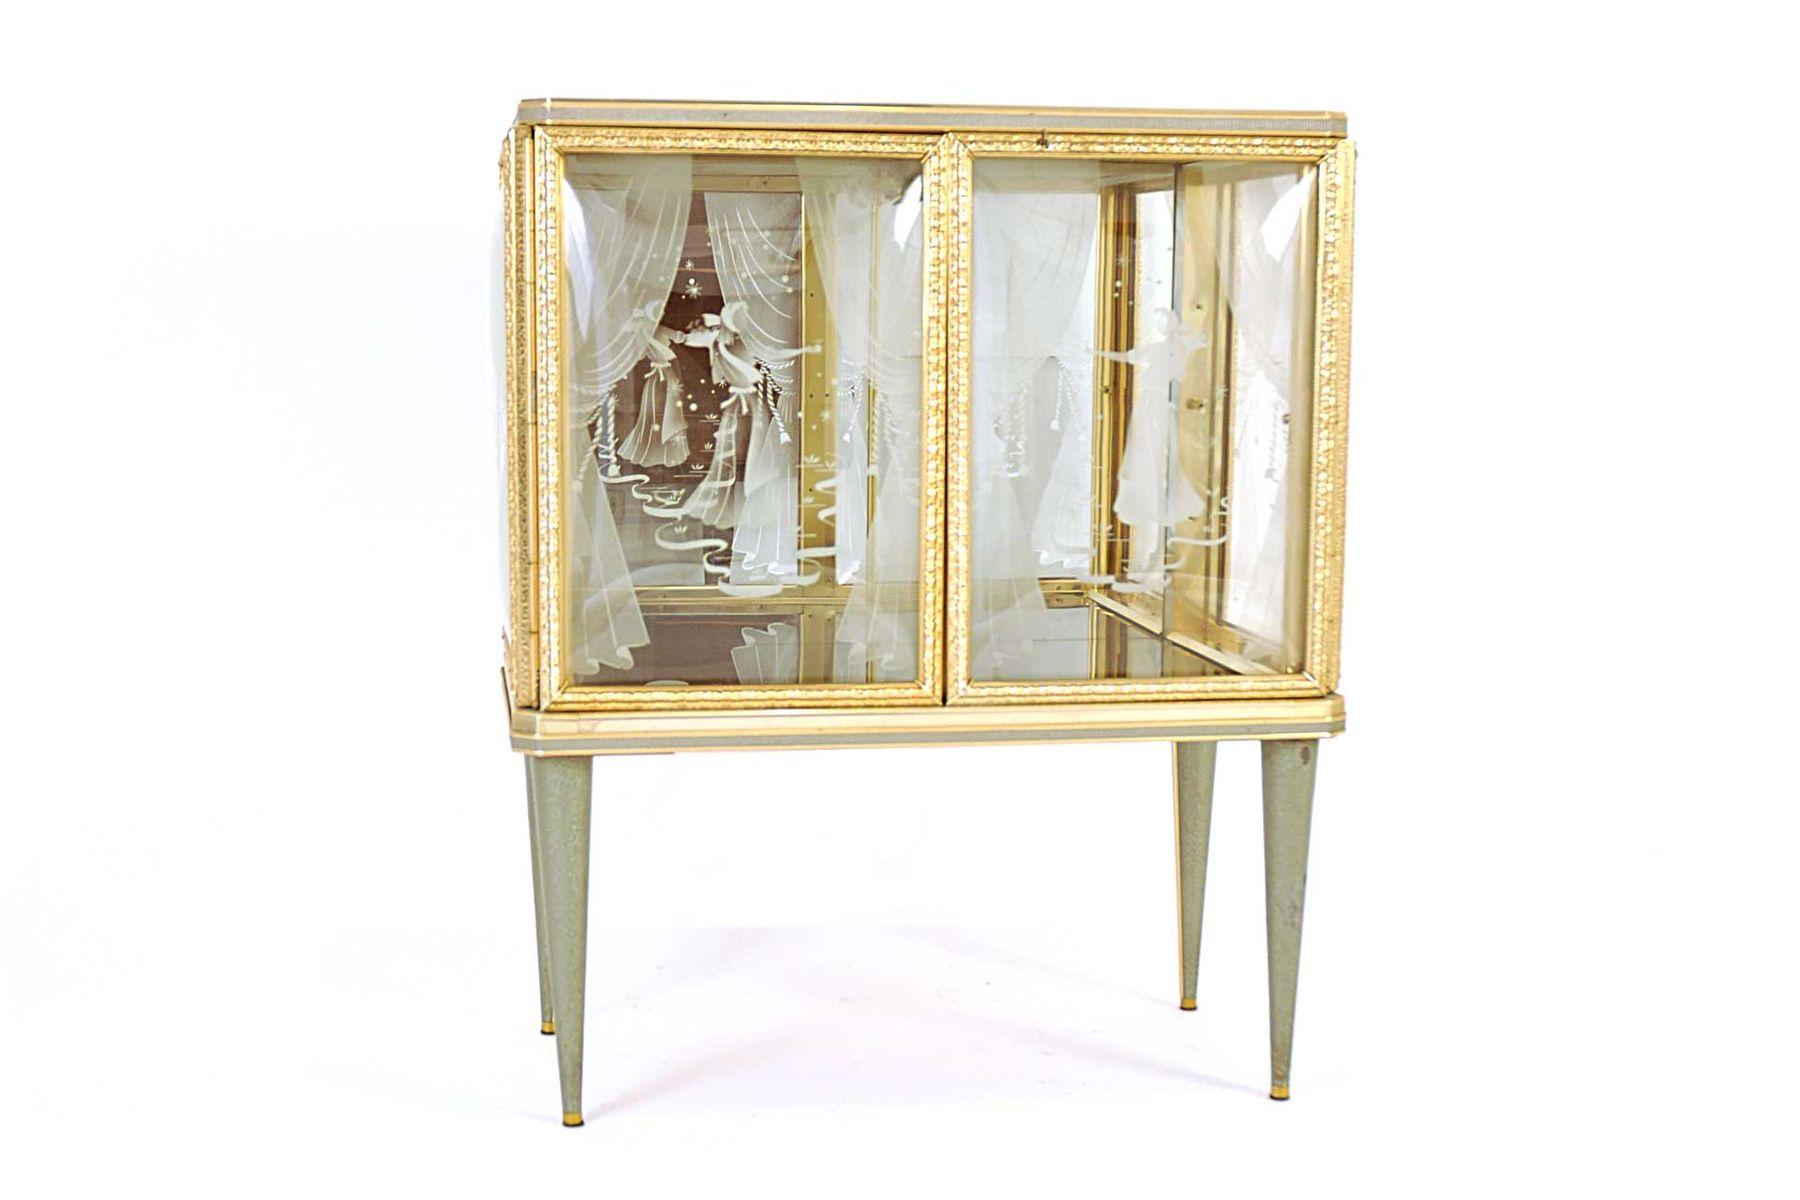 Antique Metal Dental Cabinet Vintage Cupboard Online Shop Shop Vintage Storage Furniture At